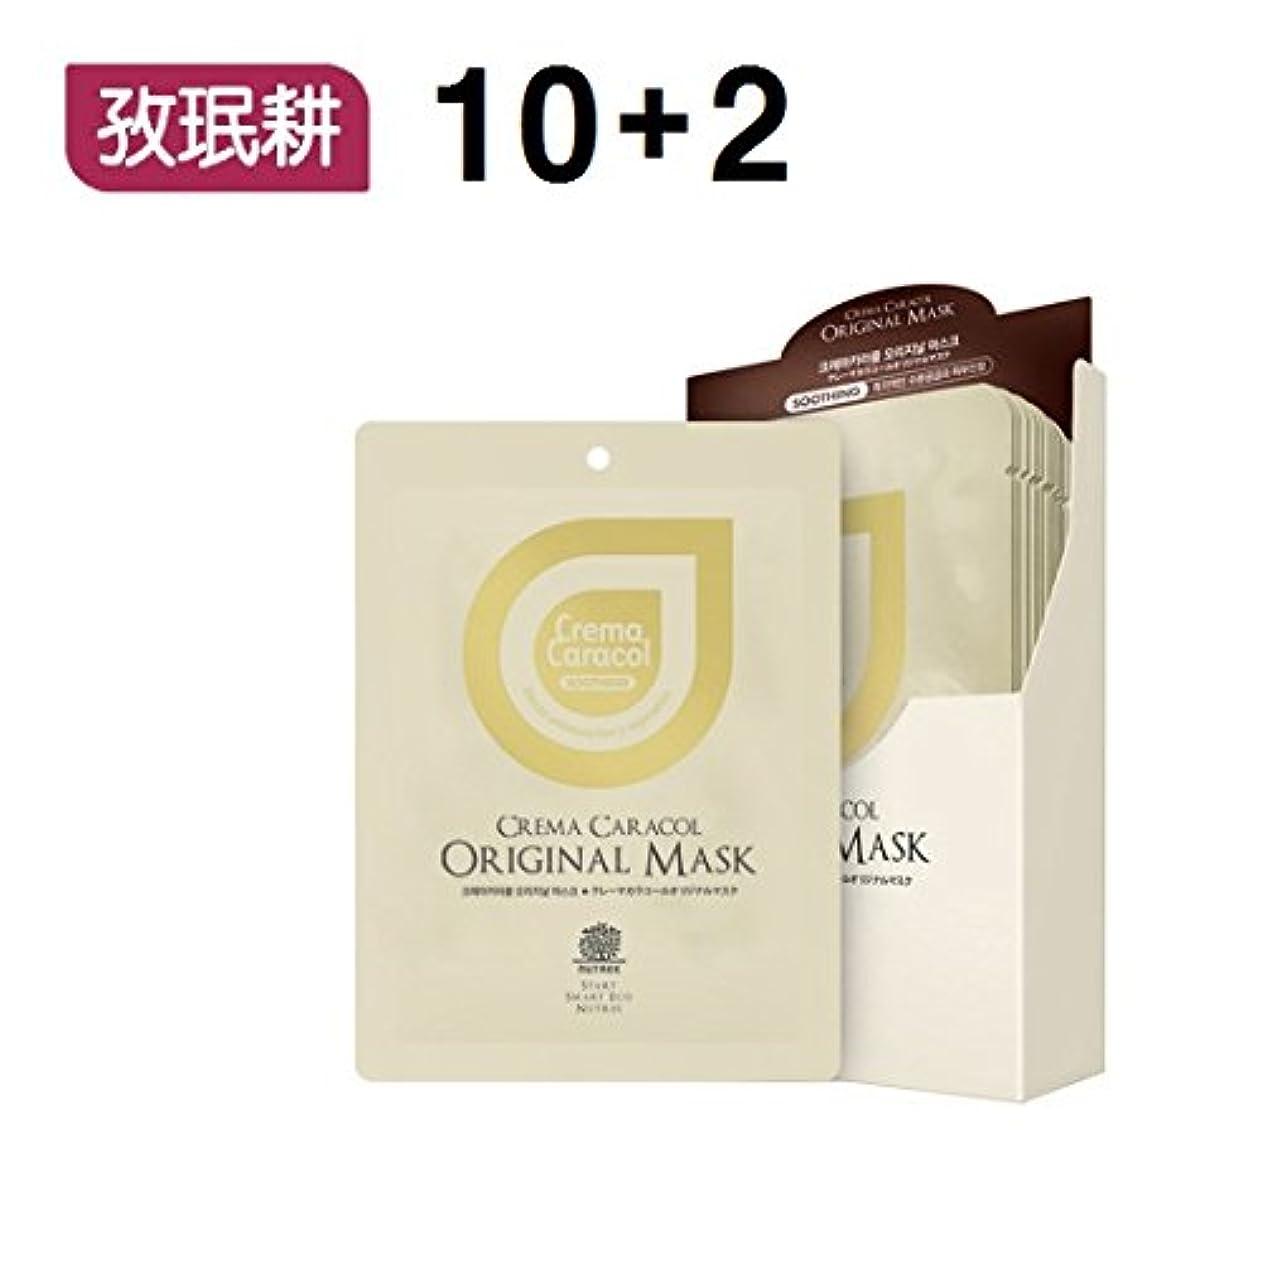 脱走洞察力のある周辺Jaminkyung Crema Caracol Original Mask 10+2 / ジャミンギョン クレマカラコールオリジナルマスク 10+2 [並行輸入品]